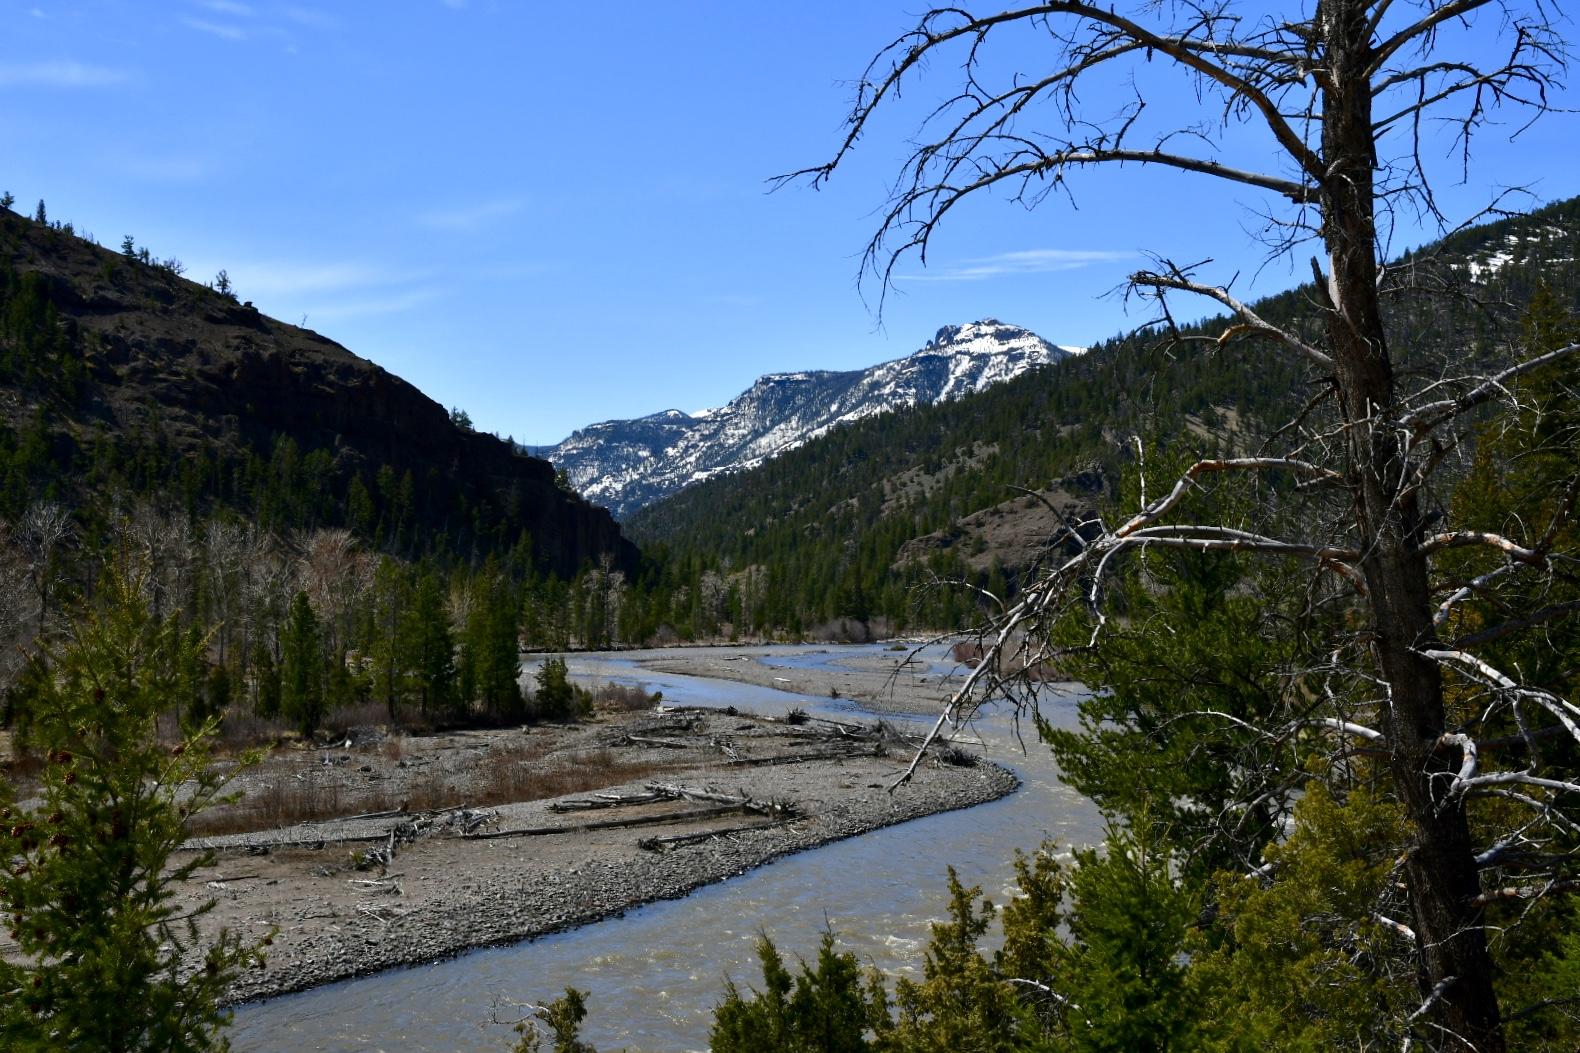 Enges Tal mit grün bewaldeten Berghängen und einem sich windenden Fluss mit breiten Kiesbänken und Treibholz, im Hintergrund schneebedeckter bewaldeter Berg